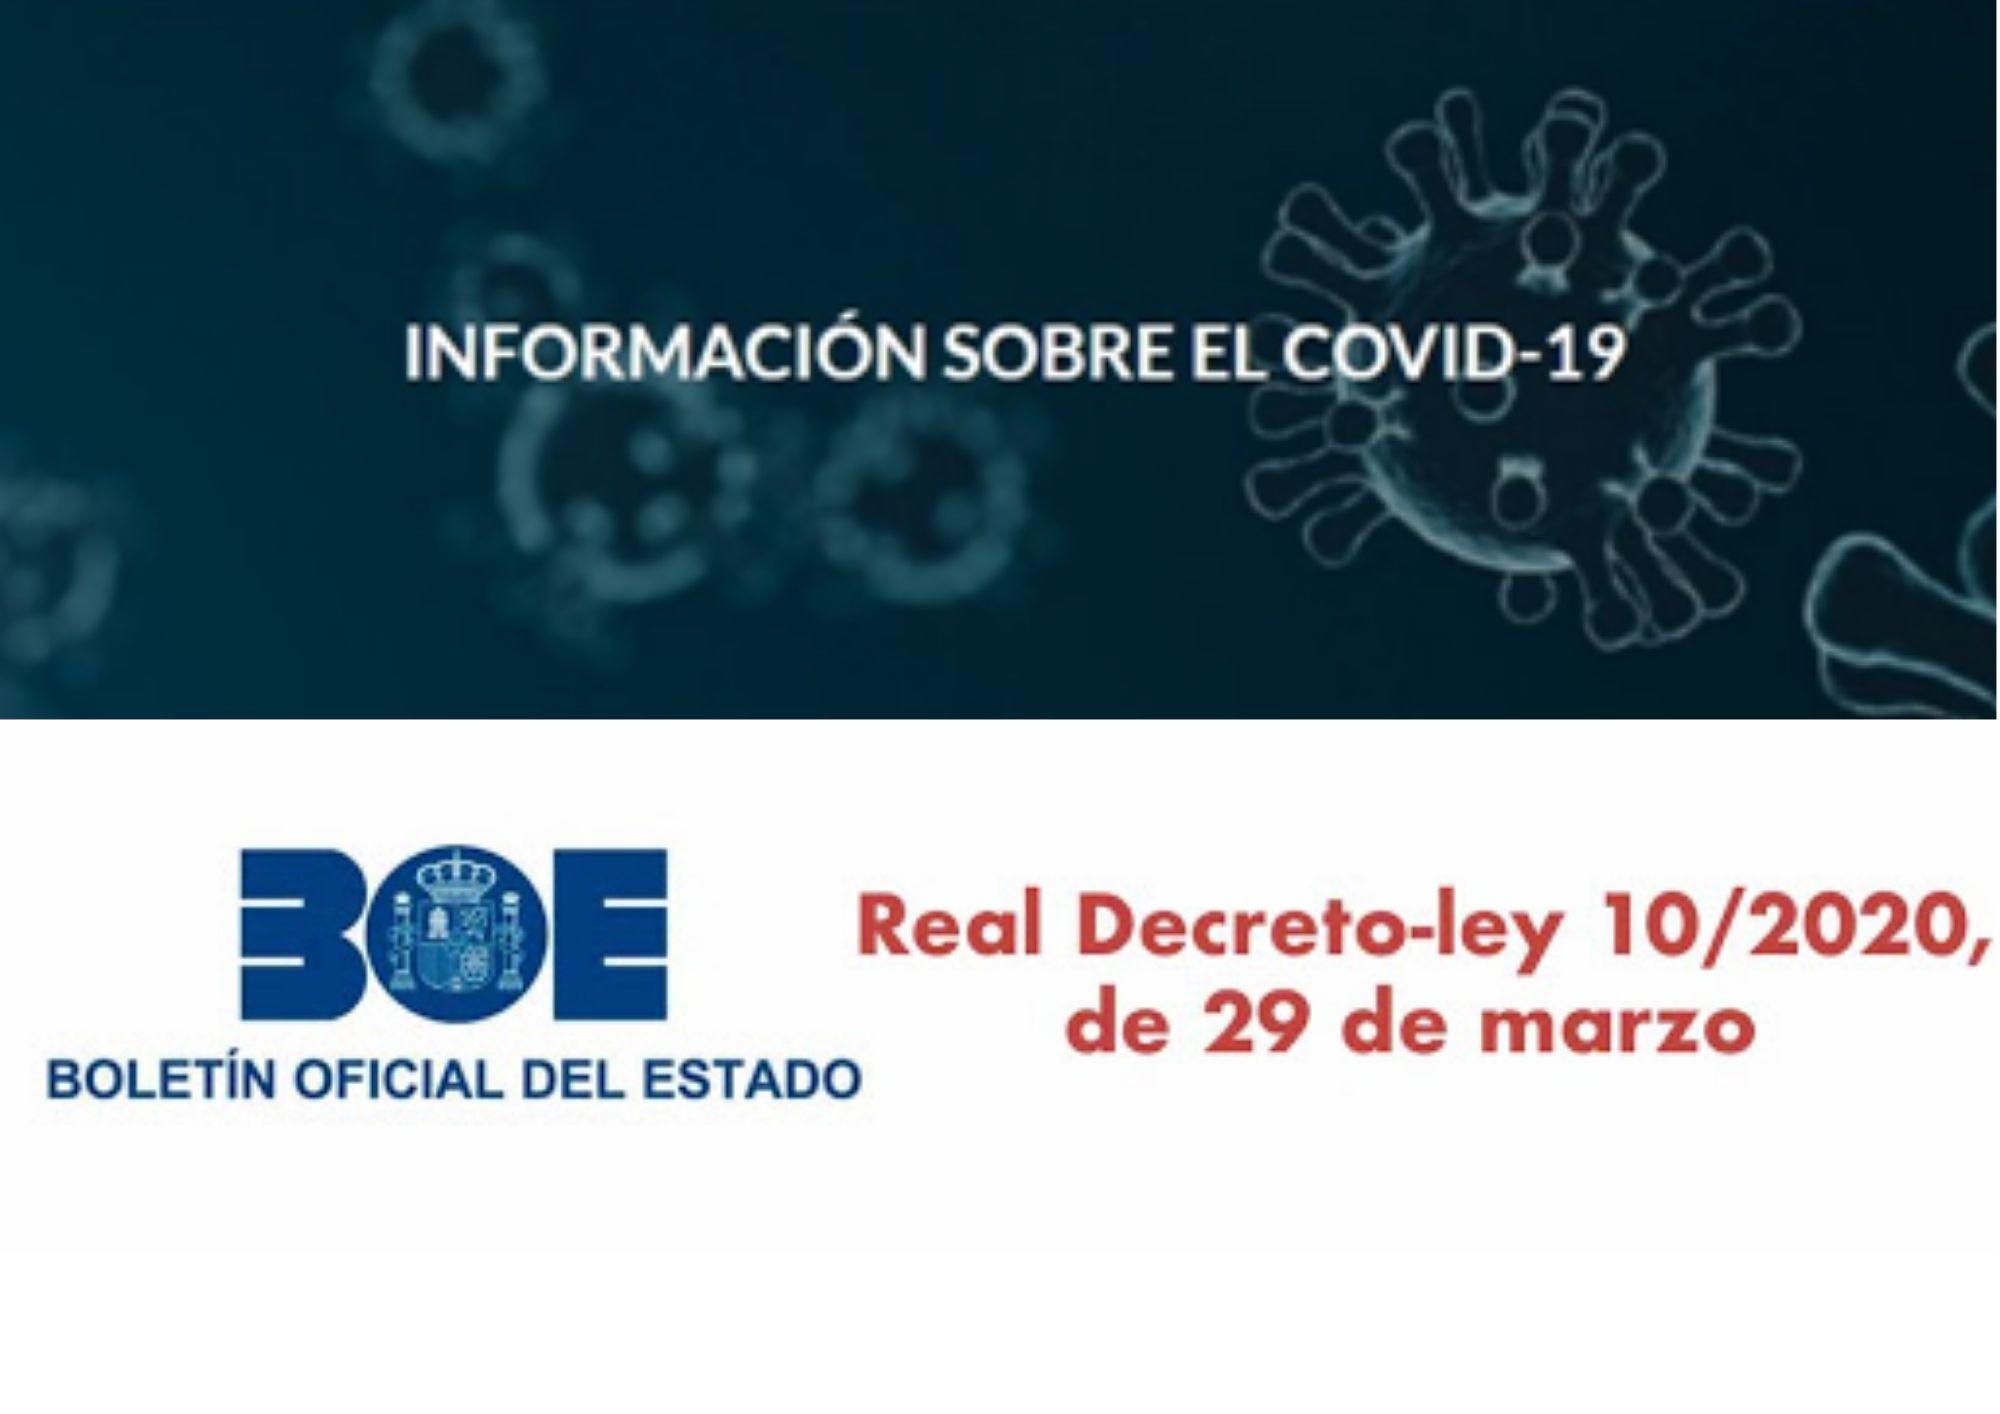 RESUMEN DEL REAL DECRETO-LEY 10/2020,  DE 29 DE MARZO